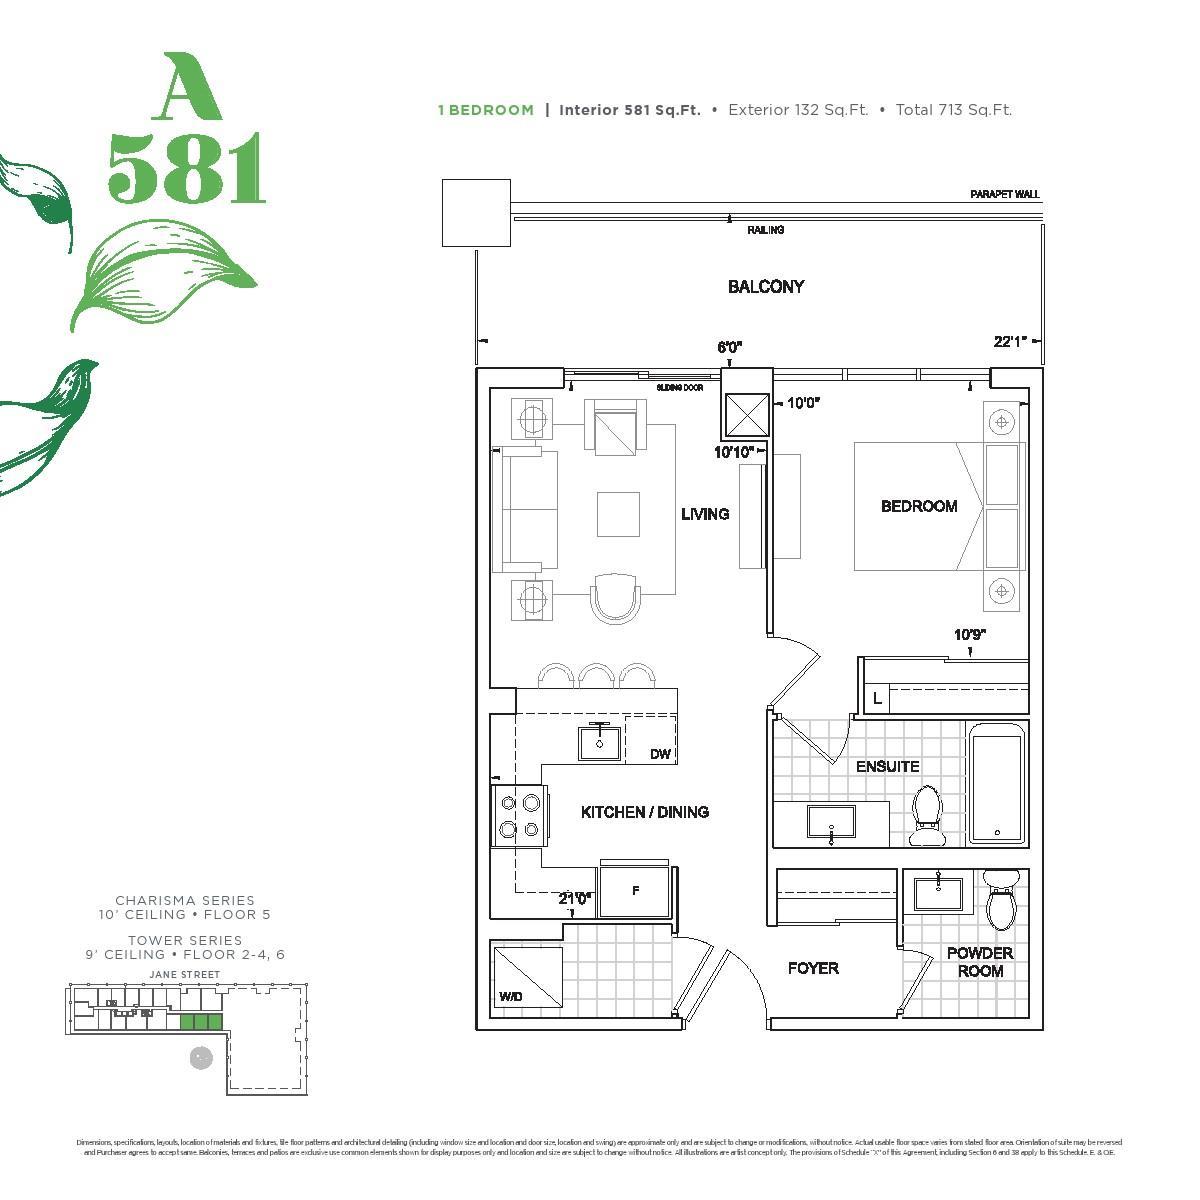 Charisma Condos 2 Floor Plans (1)